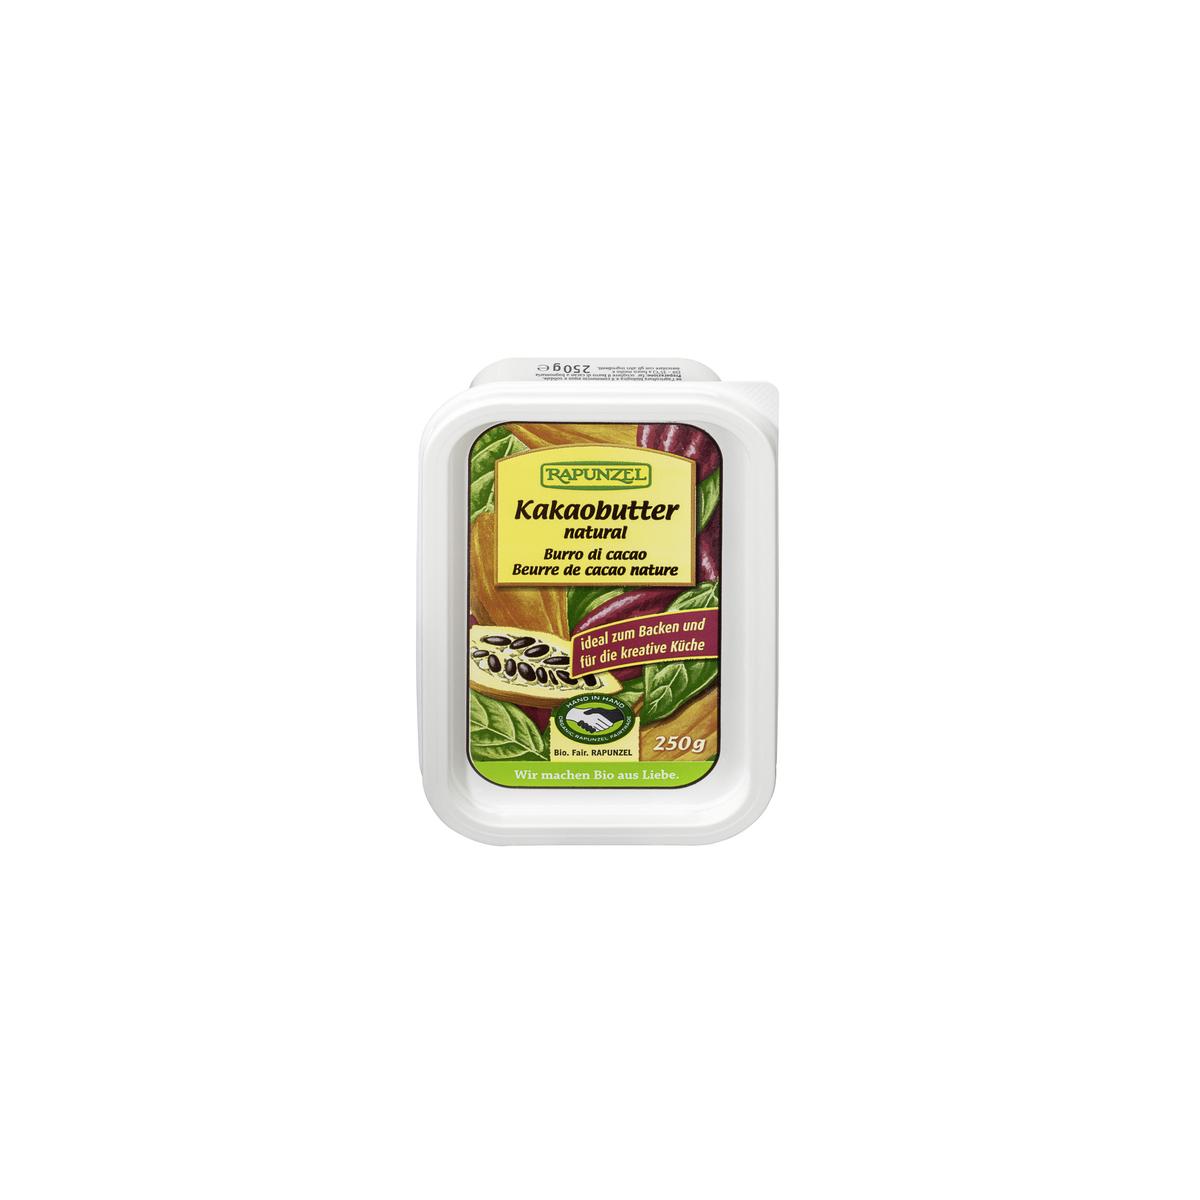 Kakaobutter nature, HIH Schale 250 g - Rapunzel